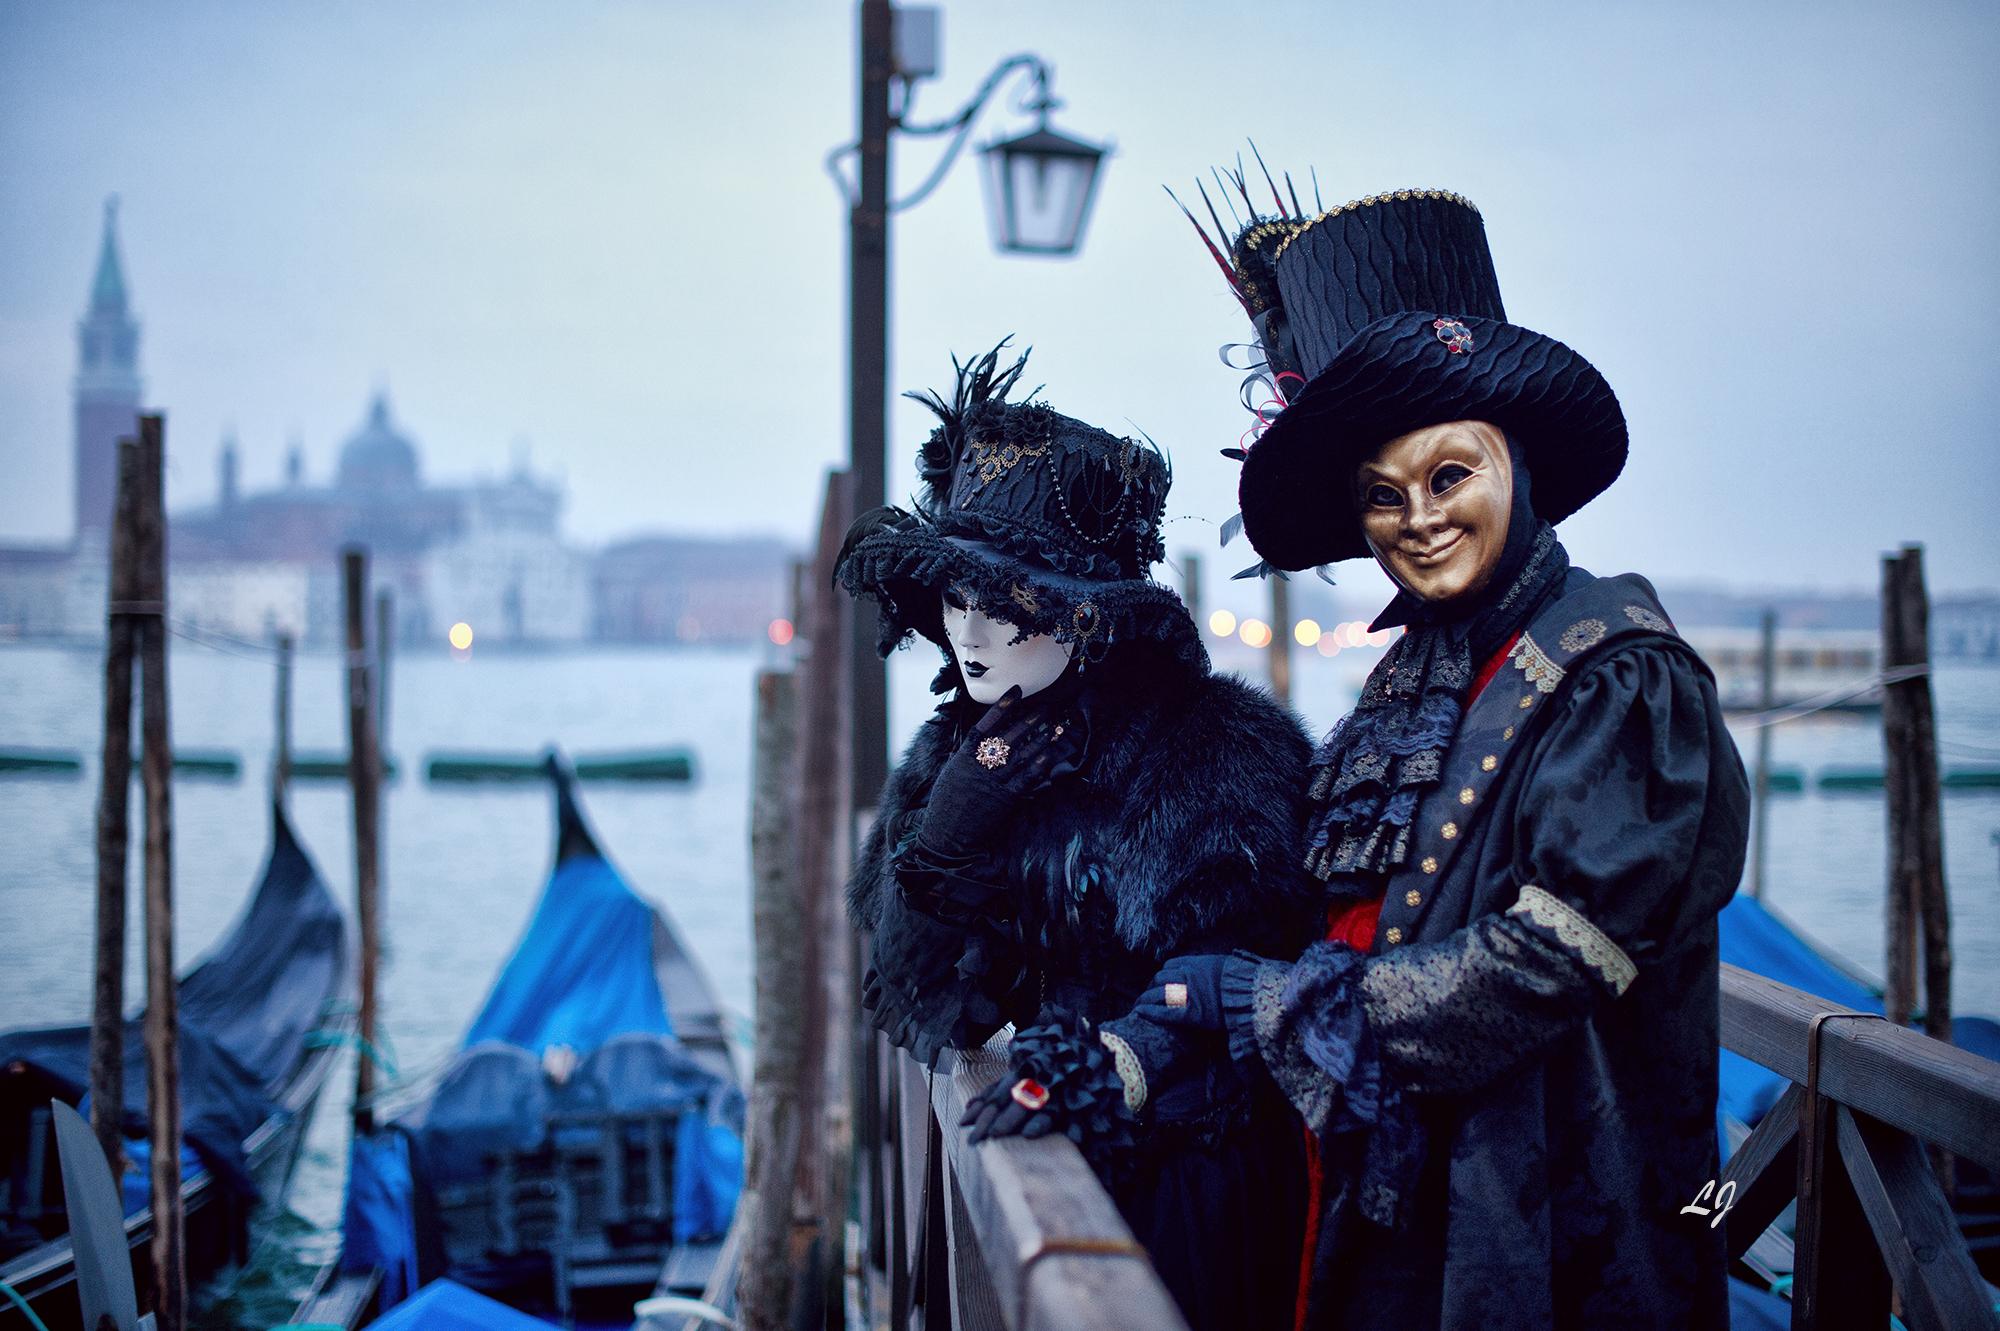 Meilleur photos Carnaval de Venise 2018 laure jacquemin (70)